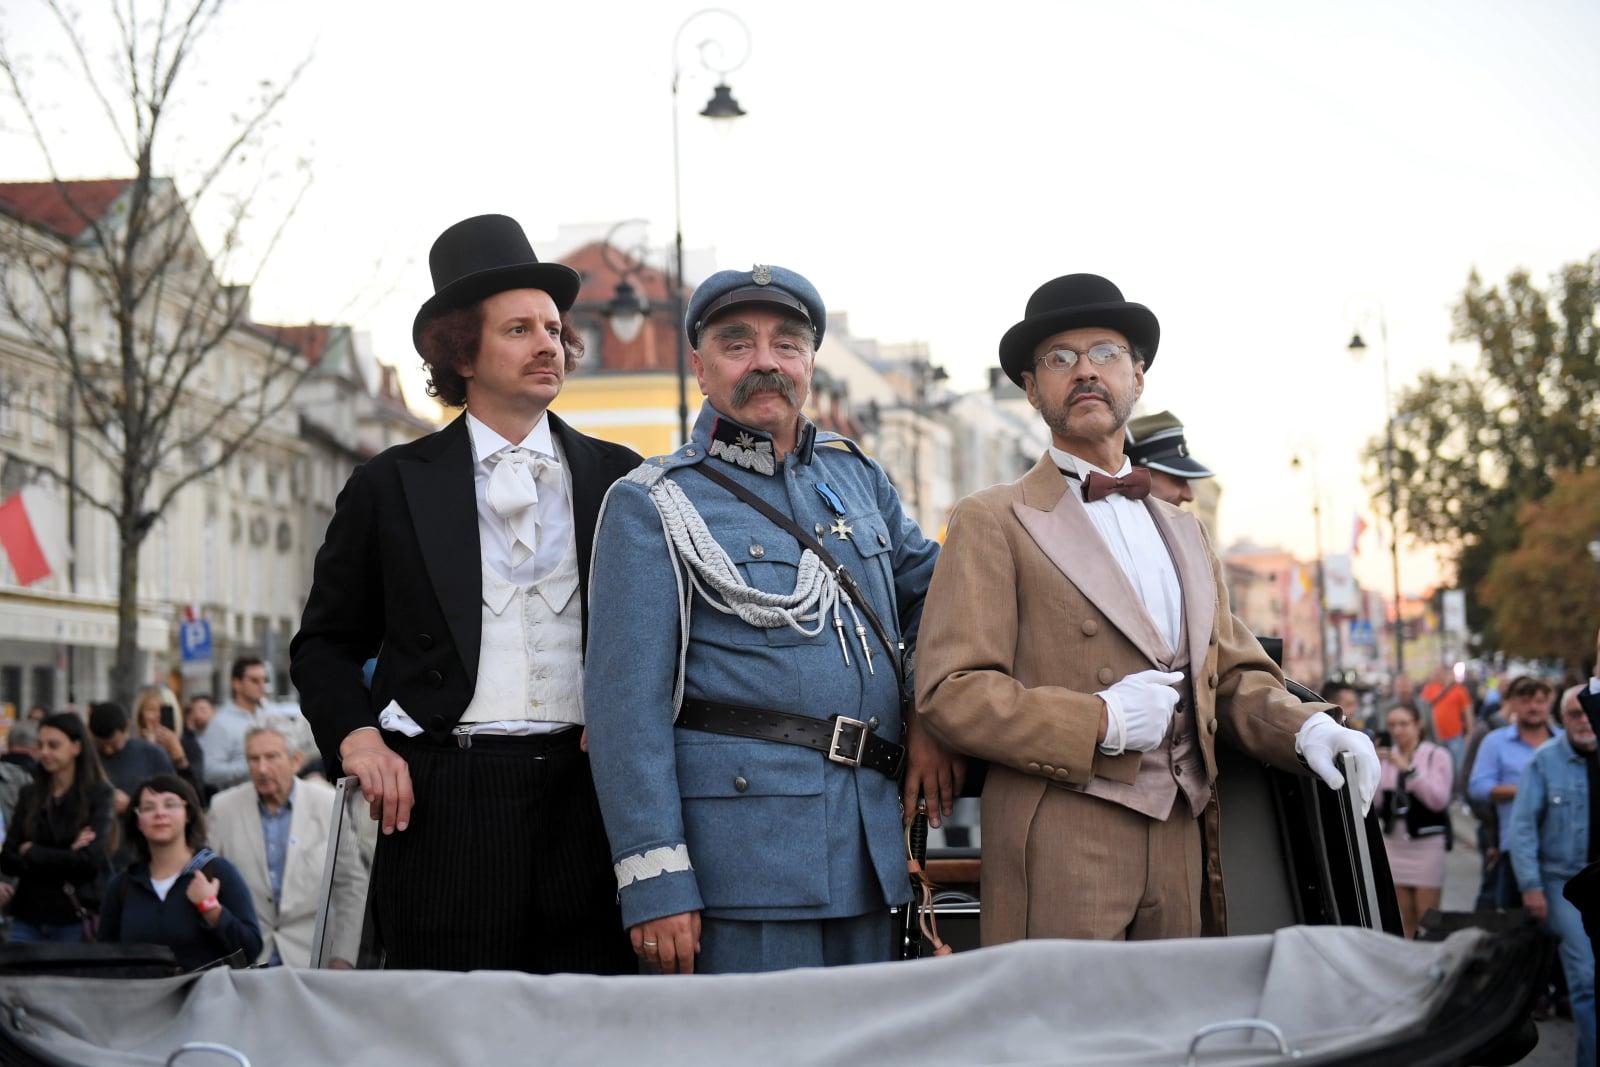 Festiwal Przestrzeń Wolności fot. PAP/Radek Pietruszka